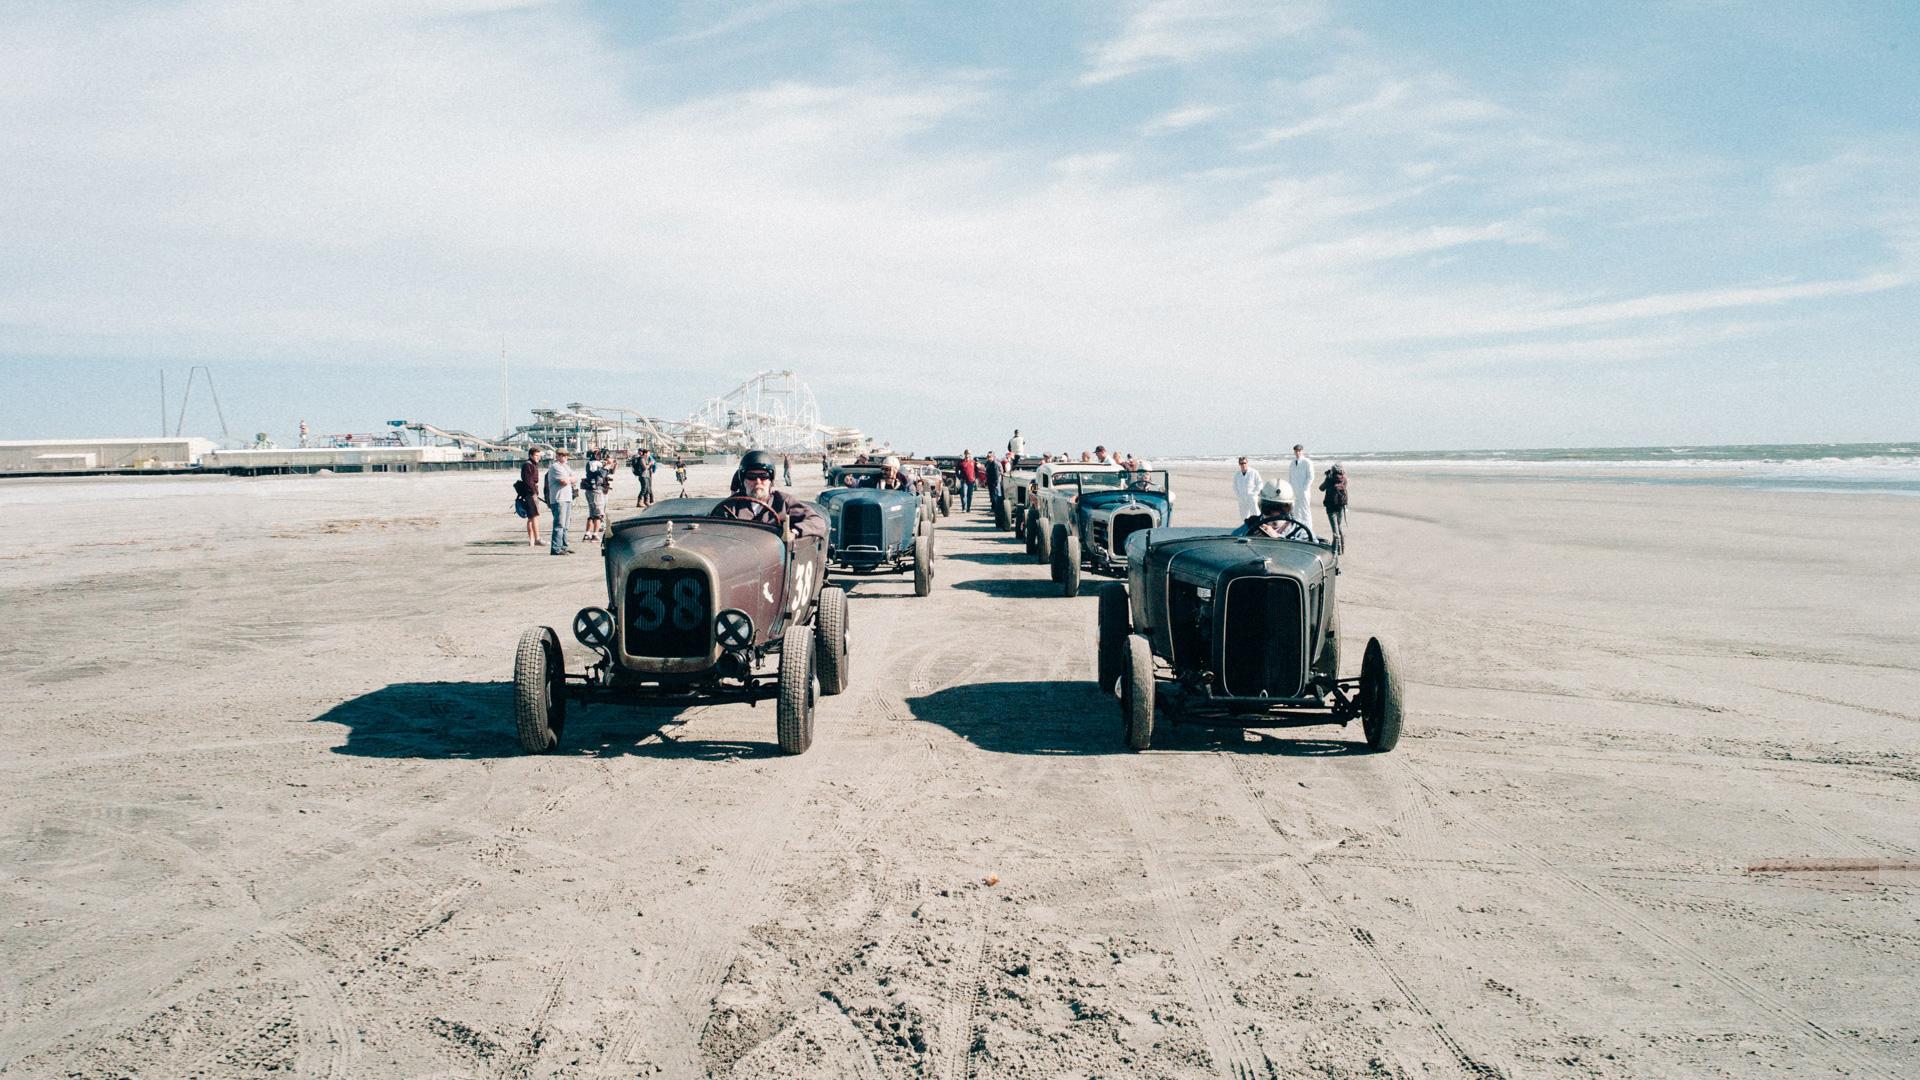 Борода, тату и хот-роды на пляже — выходные настоящих джентльменов. Фото 8